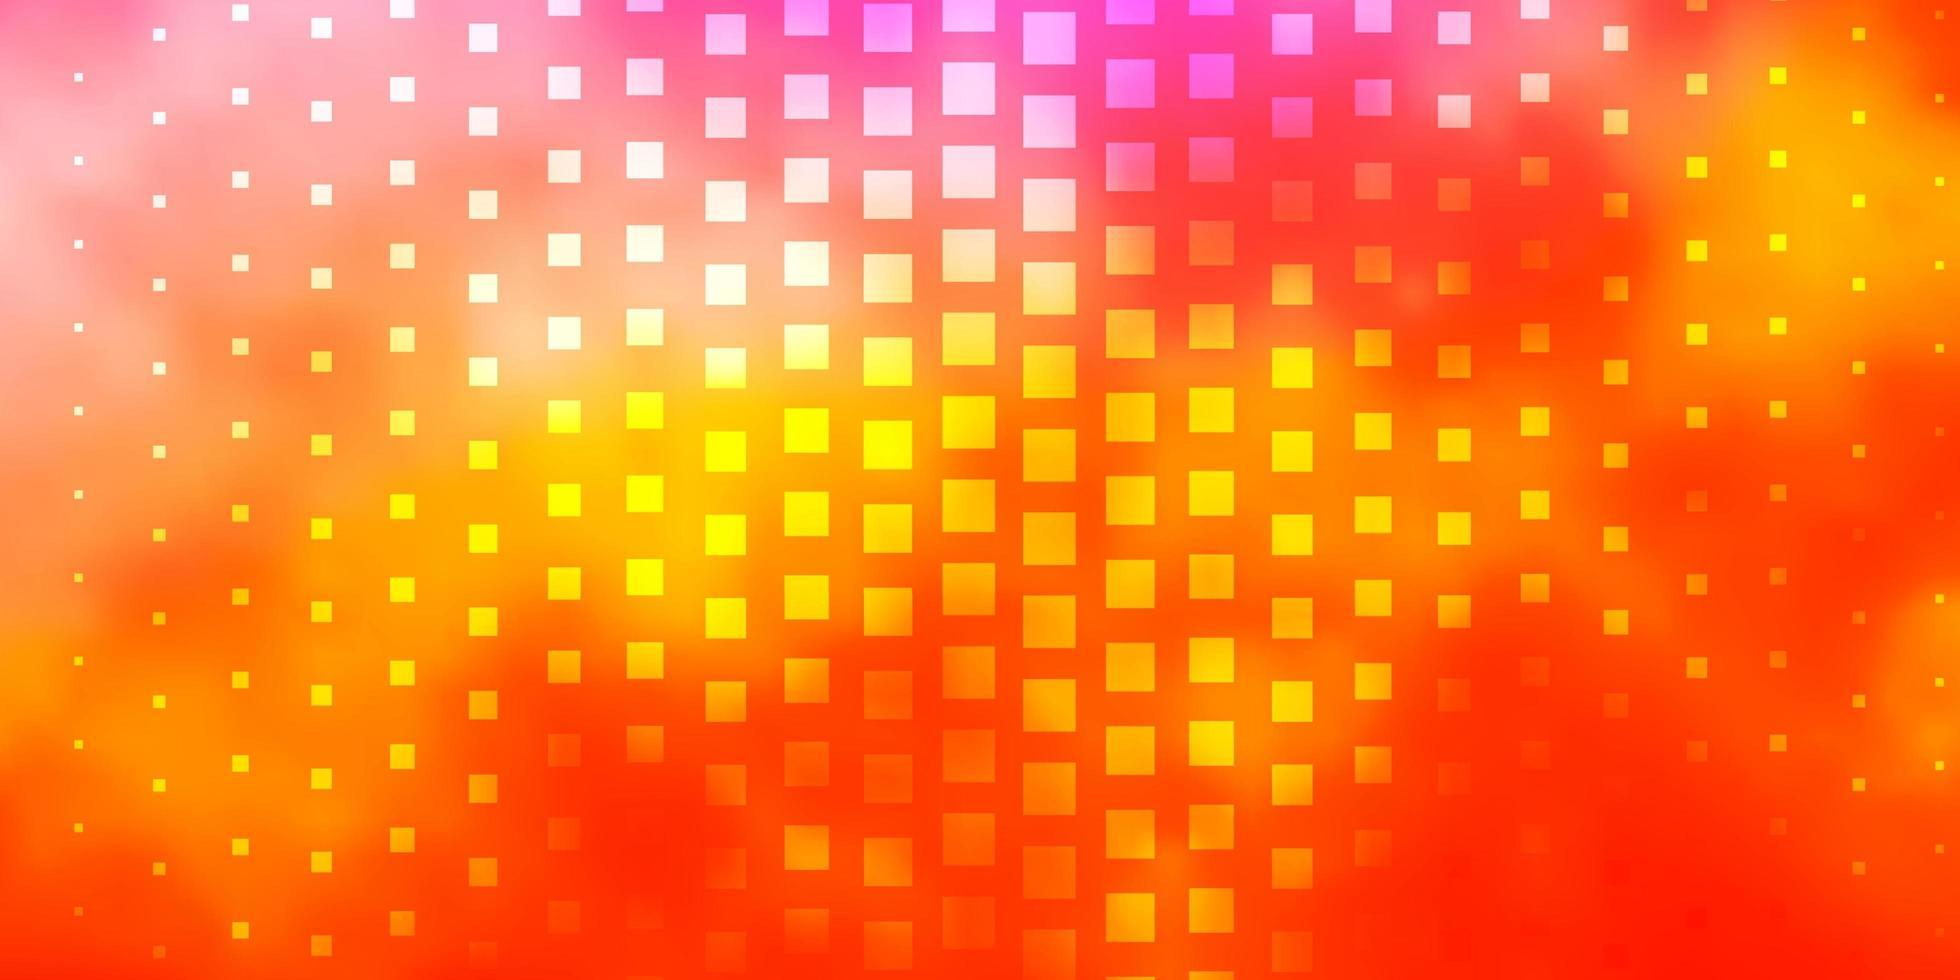 fondo amarillo con rectángulos. vector